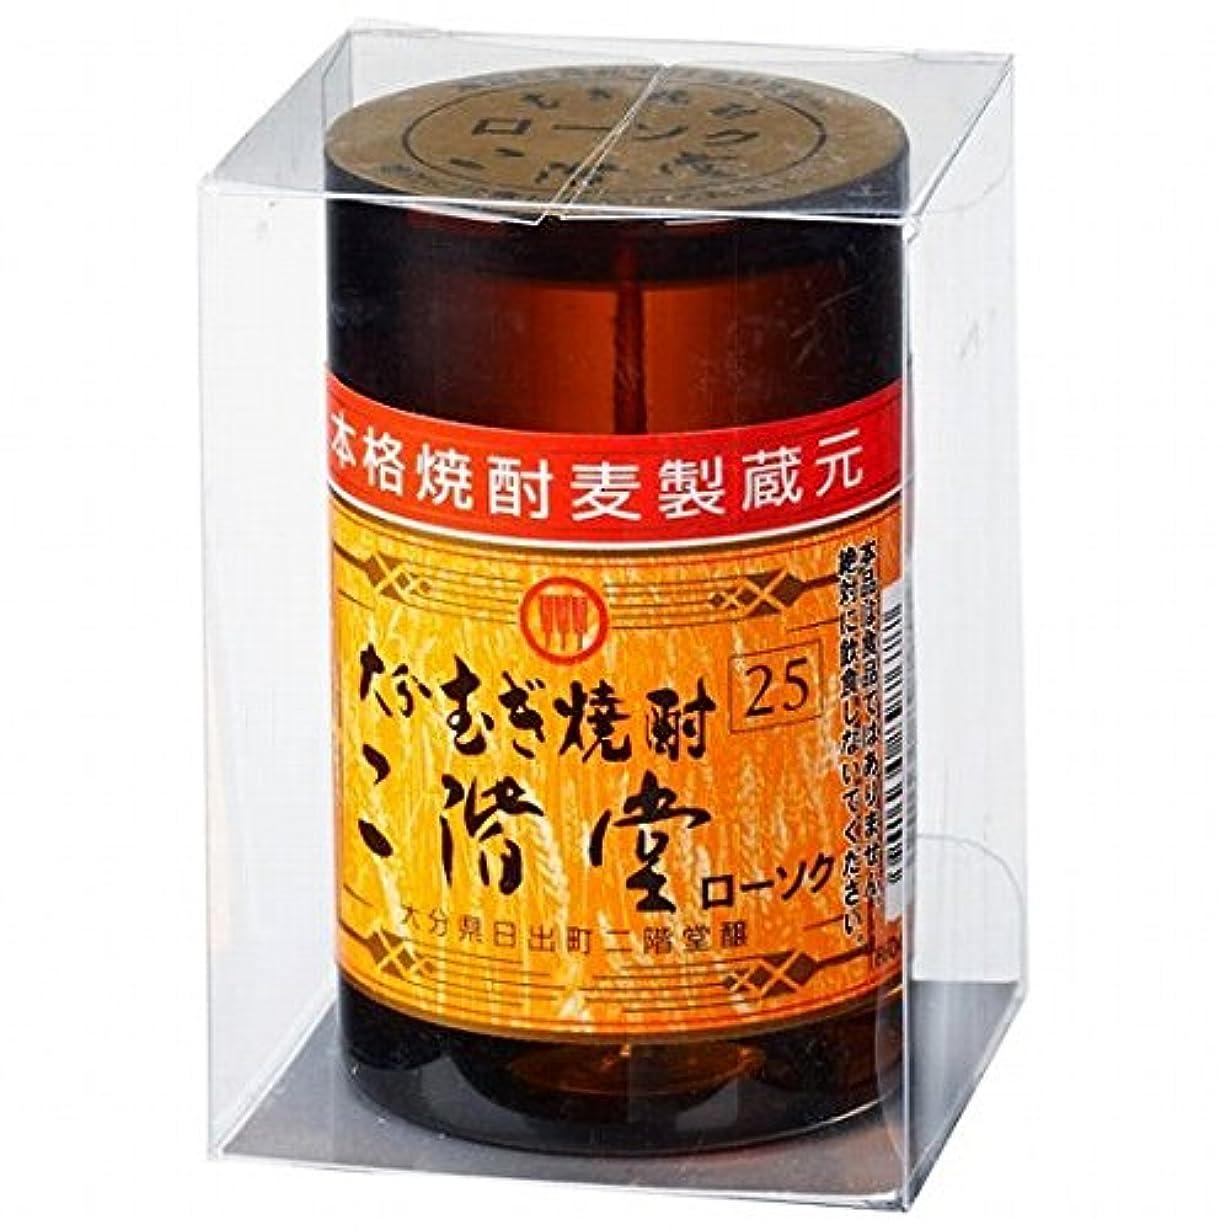 導入する広大な知性カメヤマキャンドル(kameyama candle) 大分むぎ焼酎 二階堂ローソク キャンドル